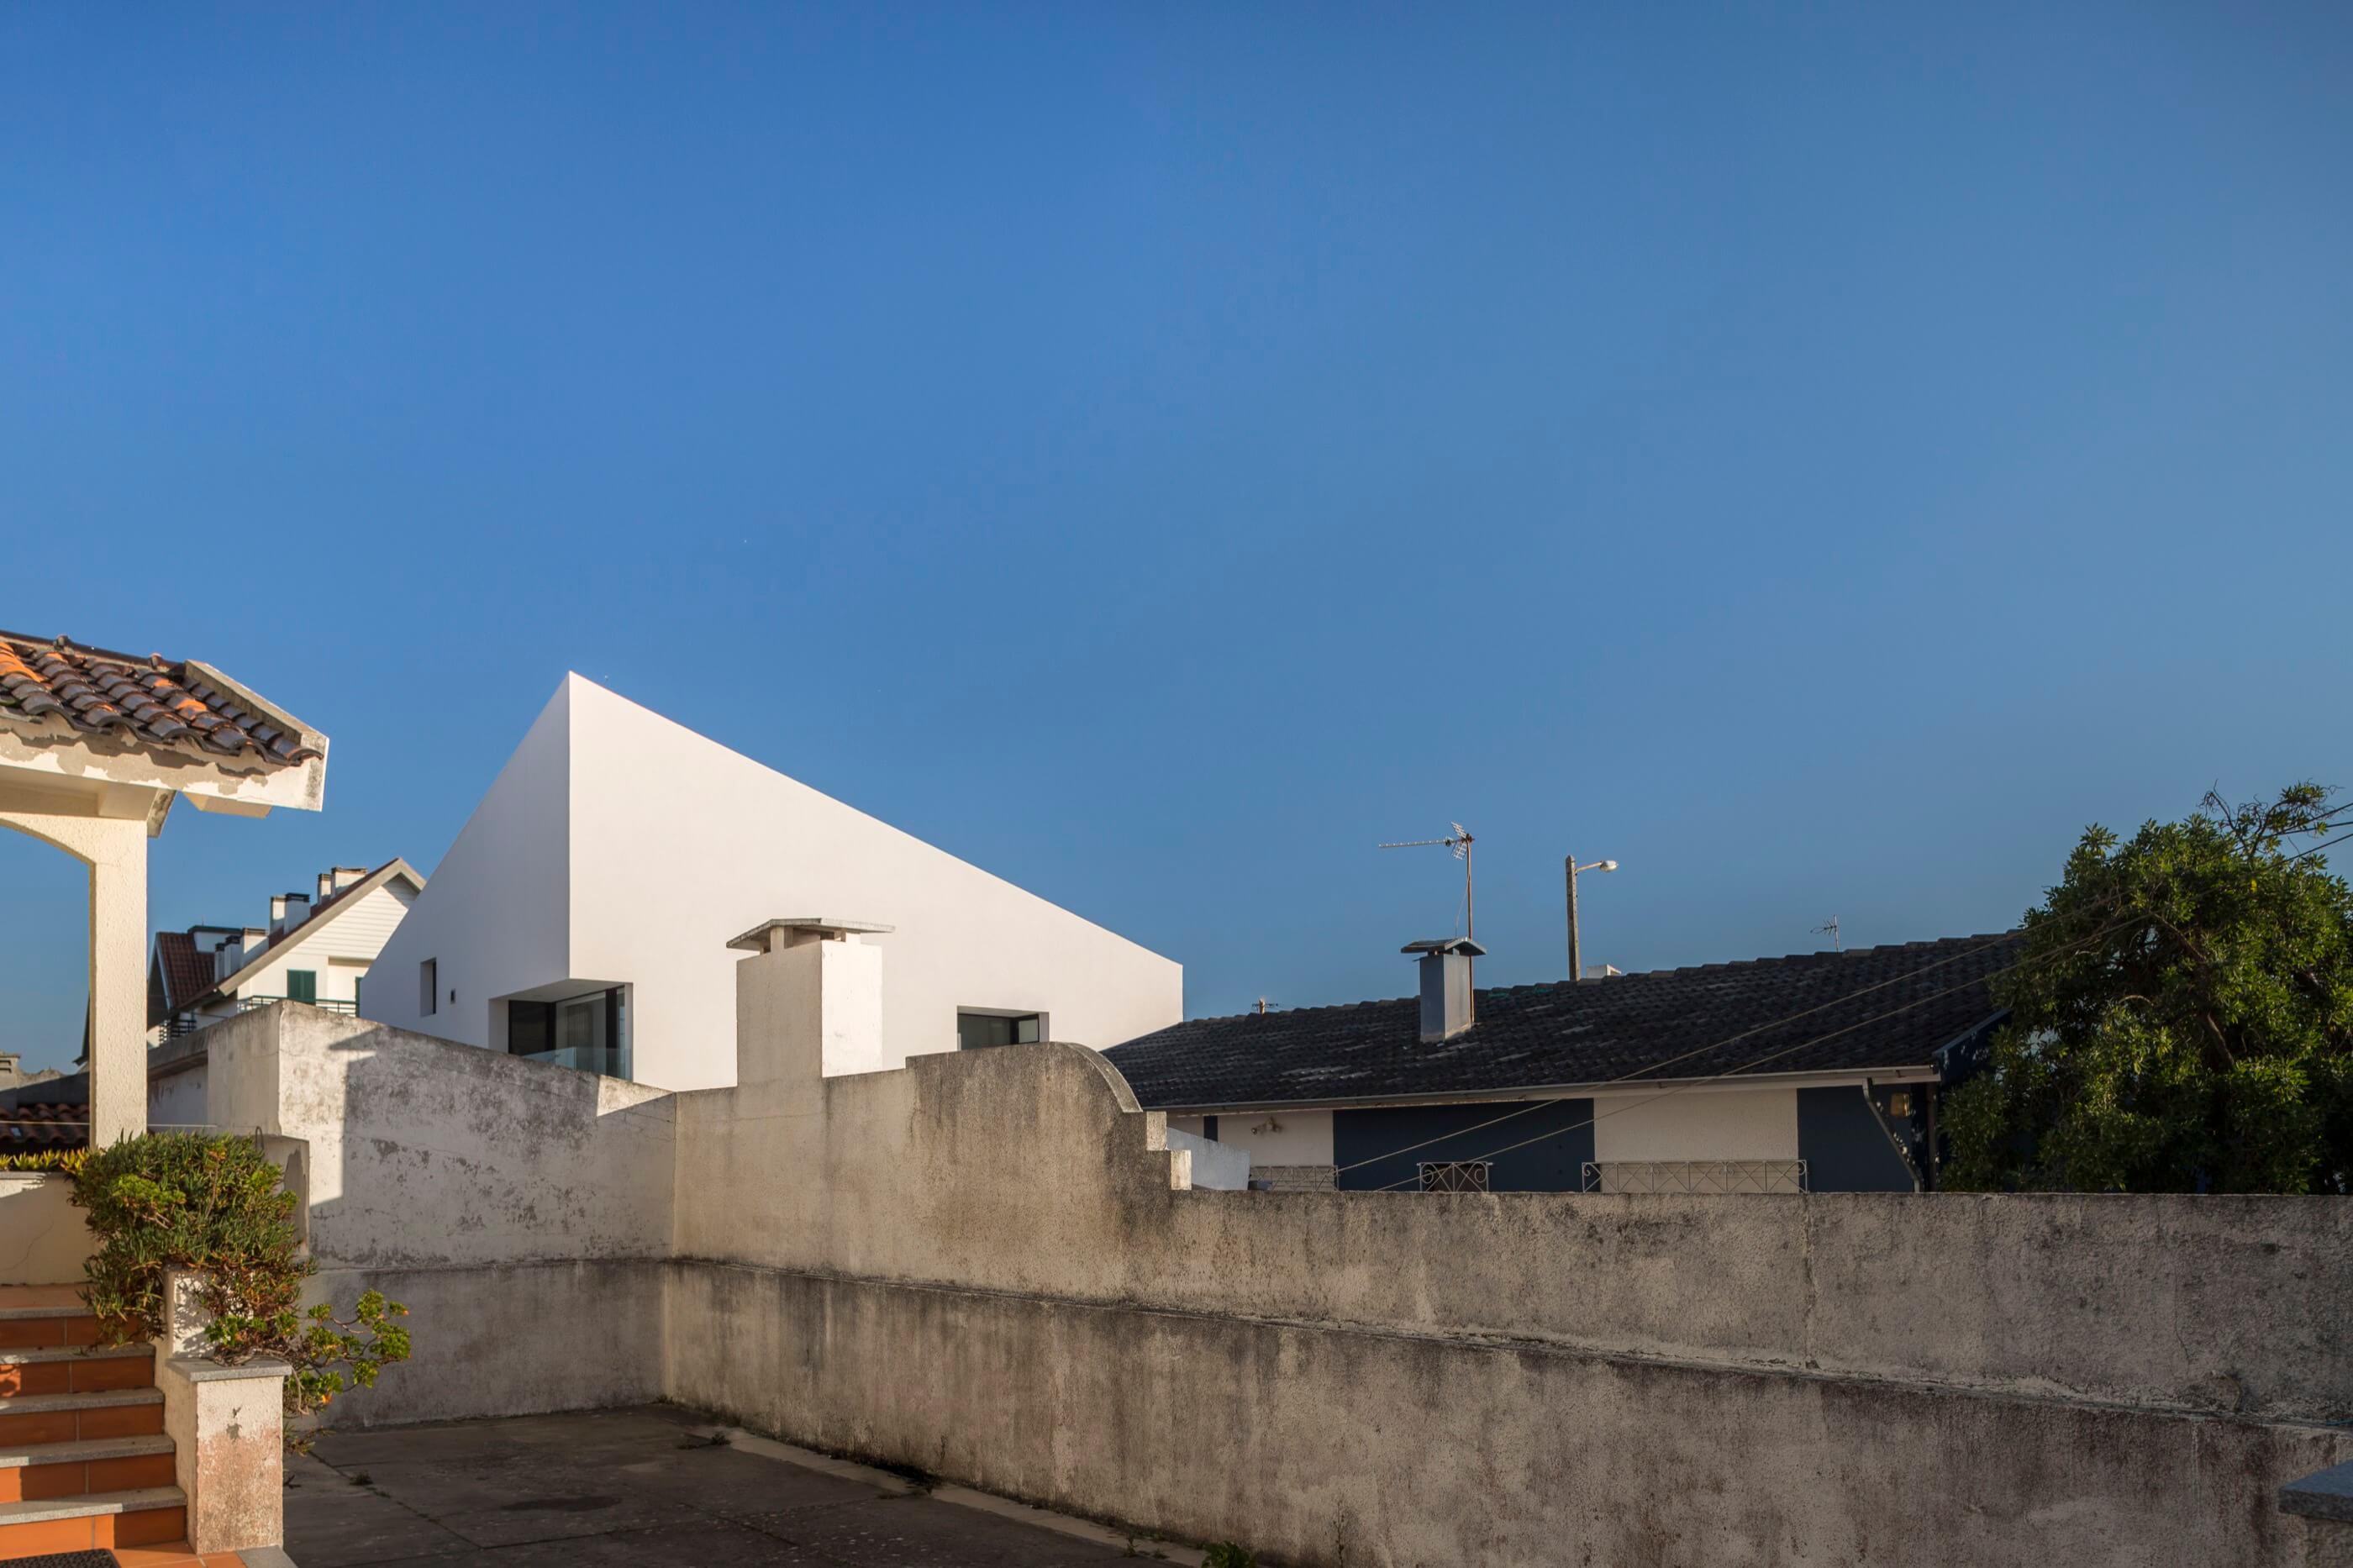 Arquitecto Lousinha Casa Fontes 38 do fotografo Ivo Tavares Studio